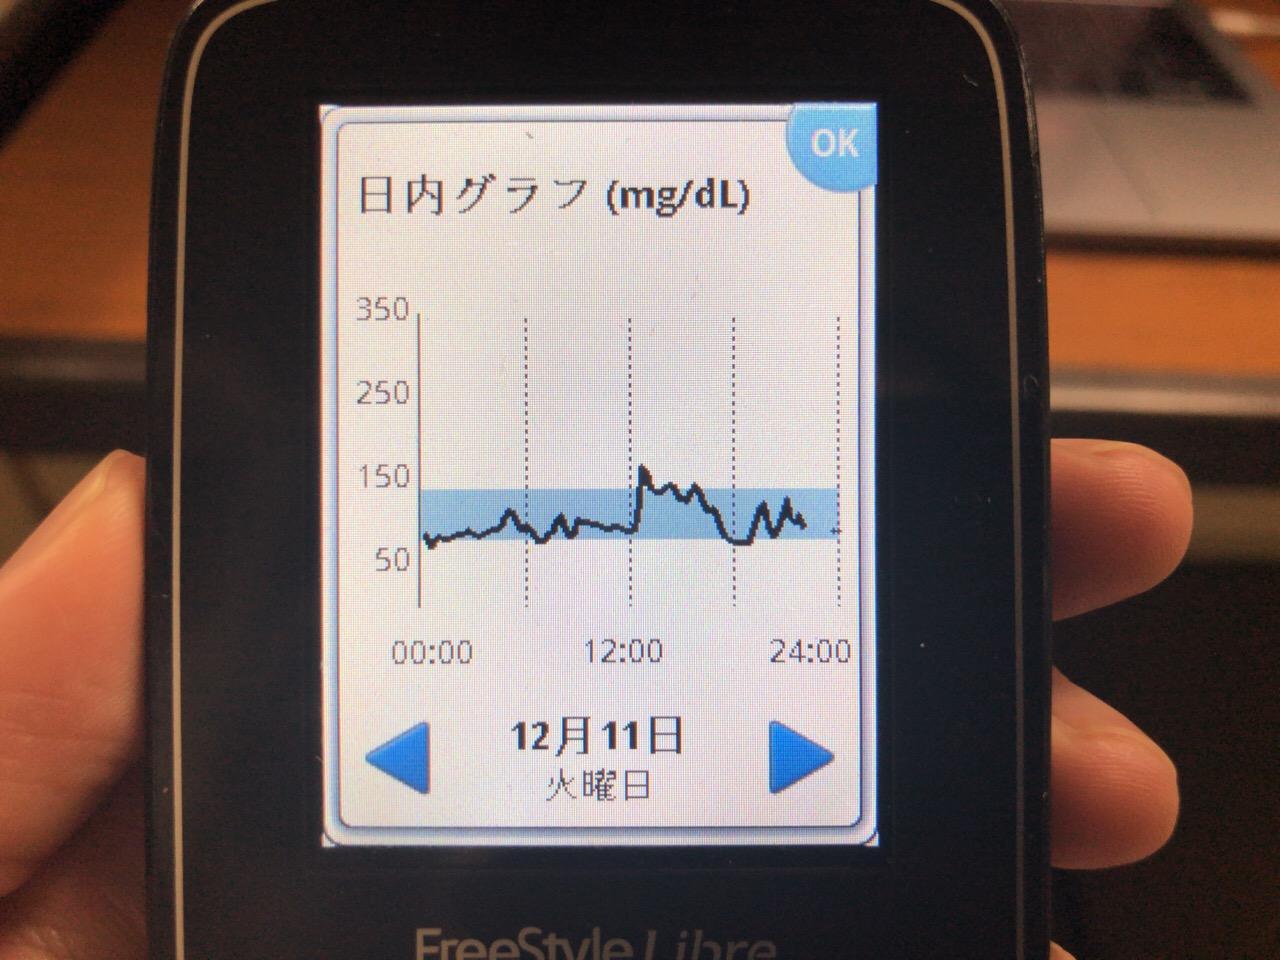 ランチのカレーライスで午後の血糖値が下がらず,夕食後ゴルフレッスンの合間に缶コーヒーで鋭く血糖値を上げた1日|糖尿病内科医のフリースタイルリブレ自己血糖記録